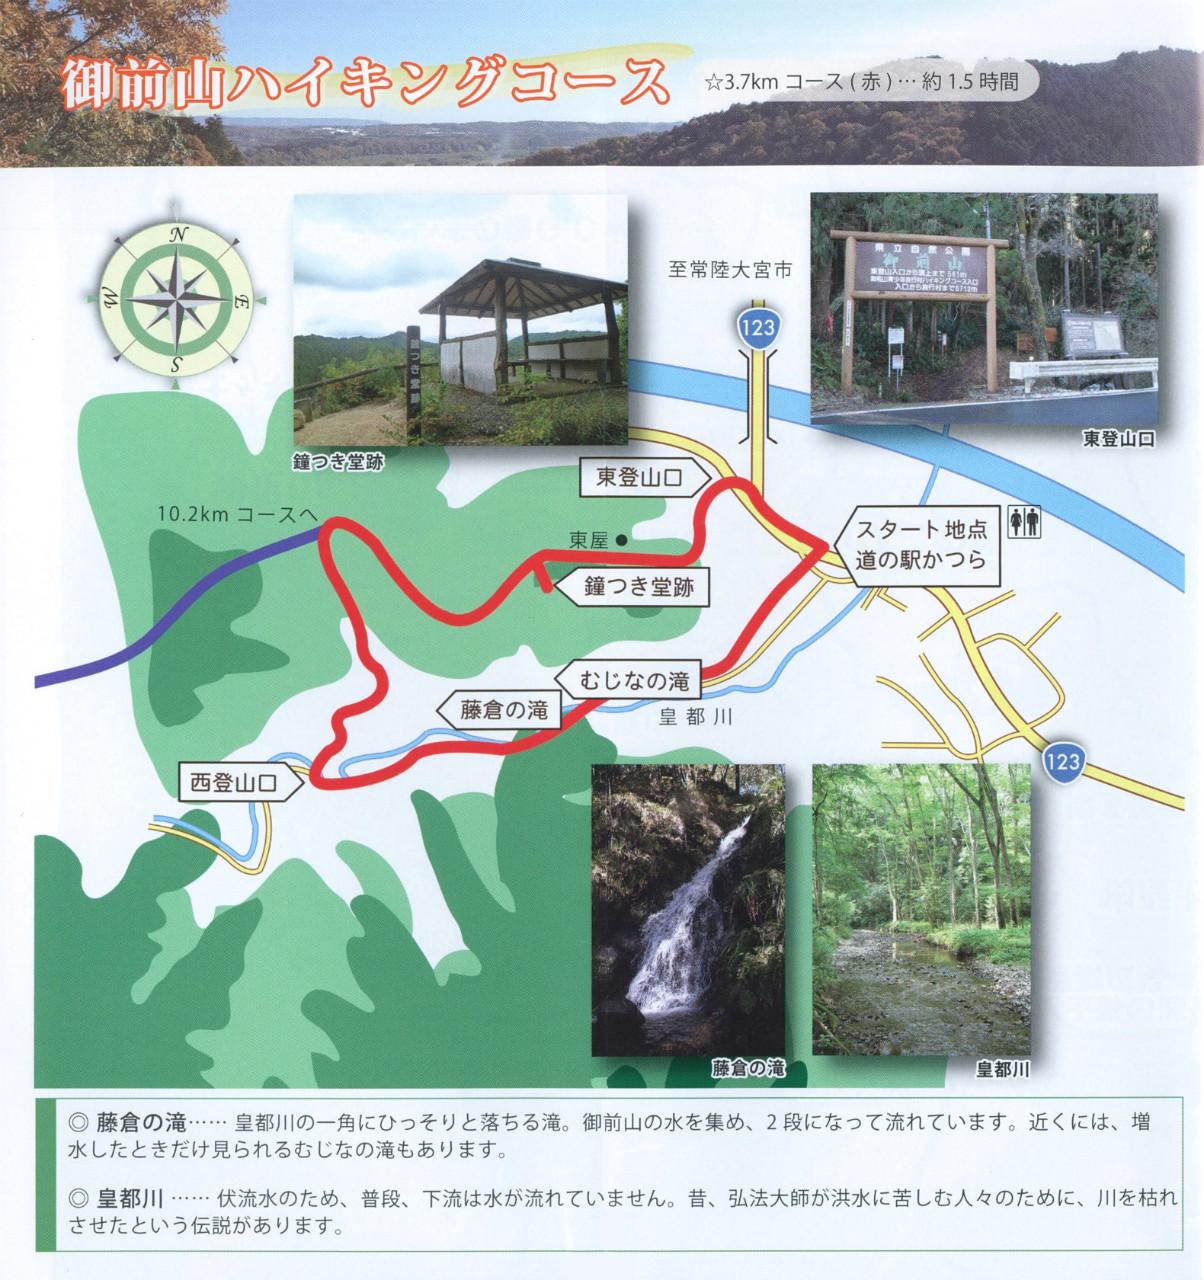 『御前山ハイキング3.7kmコース』の画像